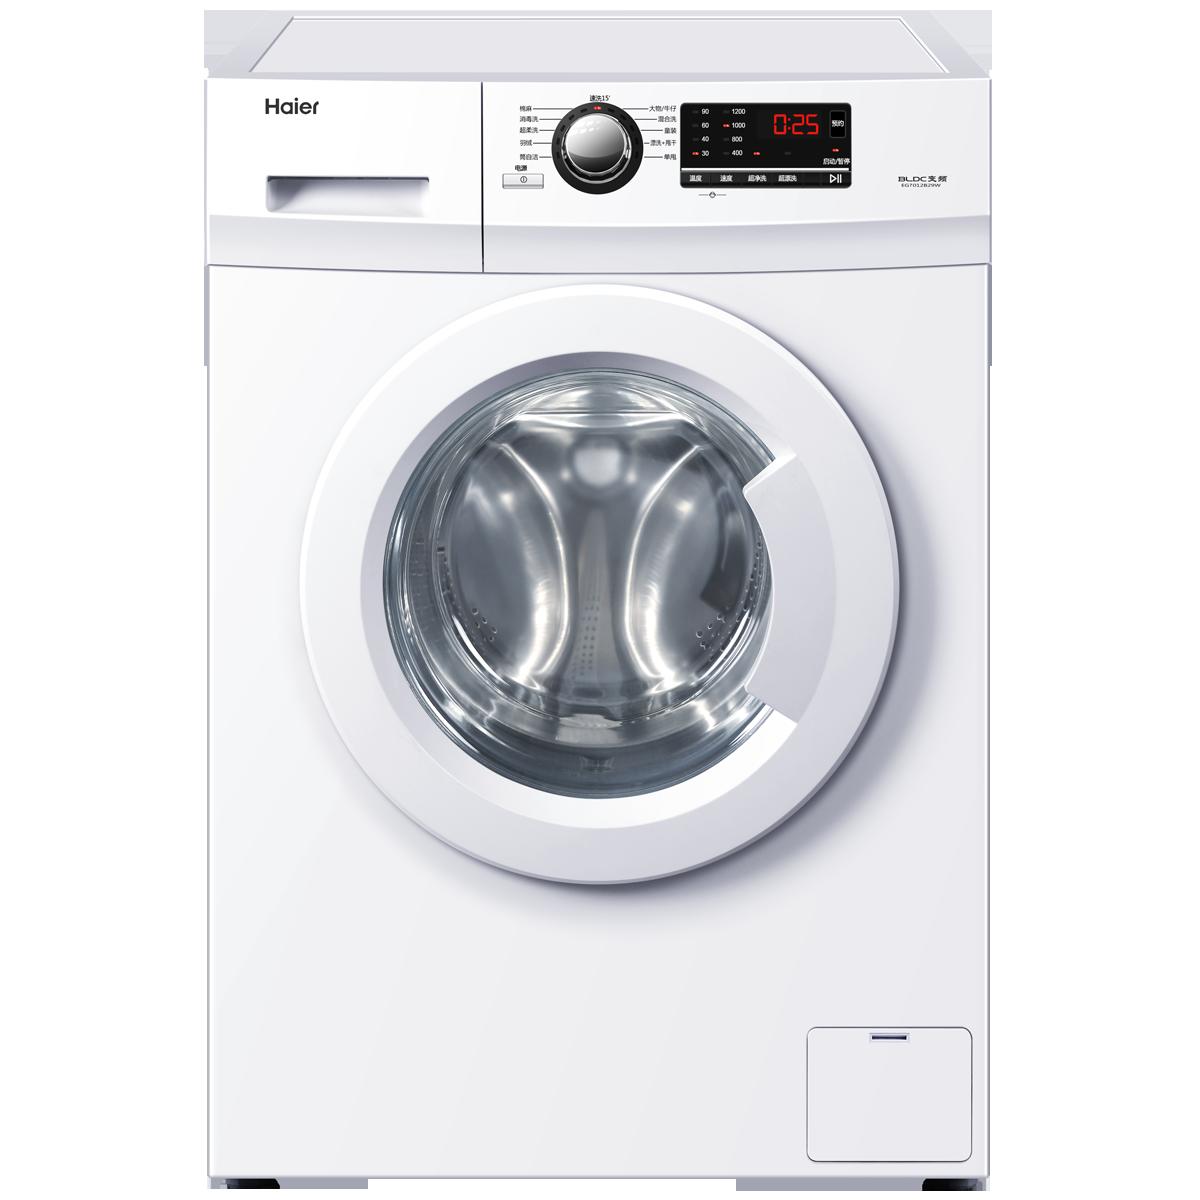 洗衣机怎么选 洗衣机品牌性能详细介绍